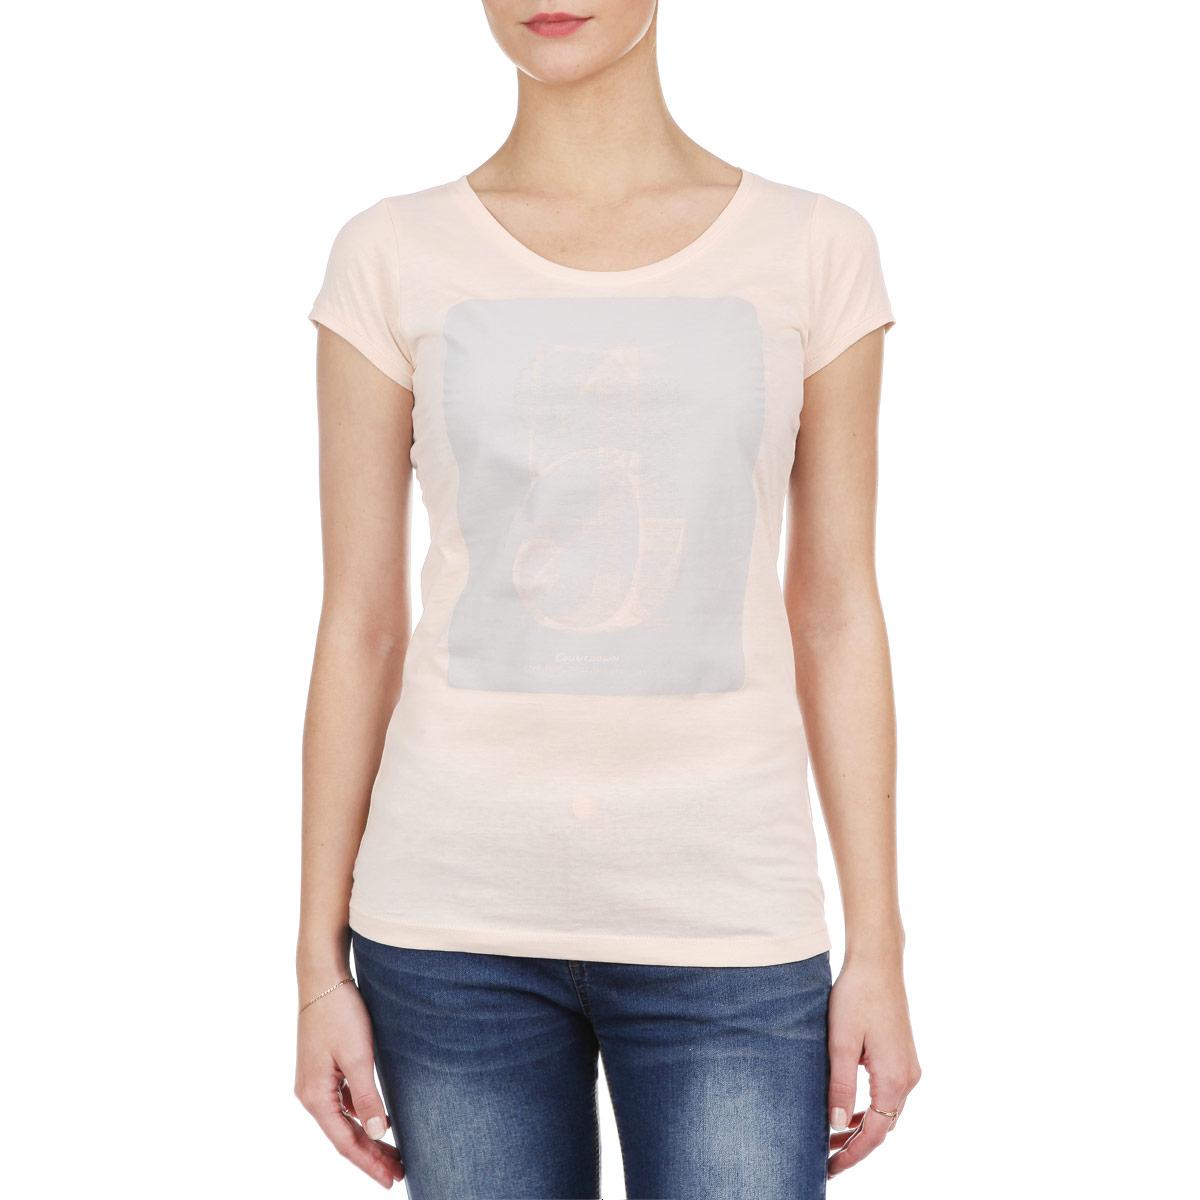 Футболка женская. 1015244830H/1015244899I10152448 30HСтильная женская футболка Broadway, выполненная из высококачественного материала, обладает высокой теплопроводностью, воздухопроницаемостью и гигроскопичностью, позволяет коже дышать. Модель с короткими рукавами и круглым вырезом горловины - идеальный вариант для создания образа в стиле Casual. Футболка оформлена оригинальным принтом. Такая модель подарит вам комфорт в течение всего дня и послужит замечательным дополнением к вашему гардеробу.